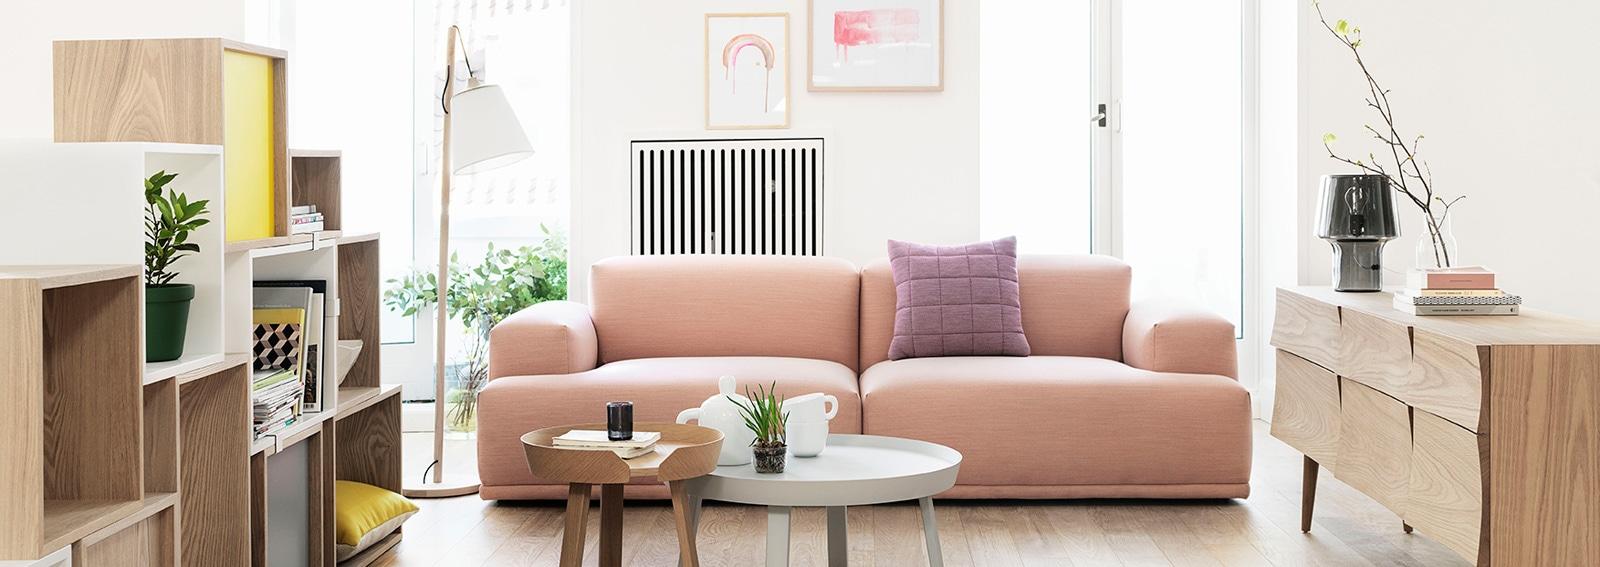 come riscaldare la casa in modo economico idee per la